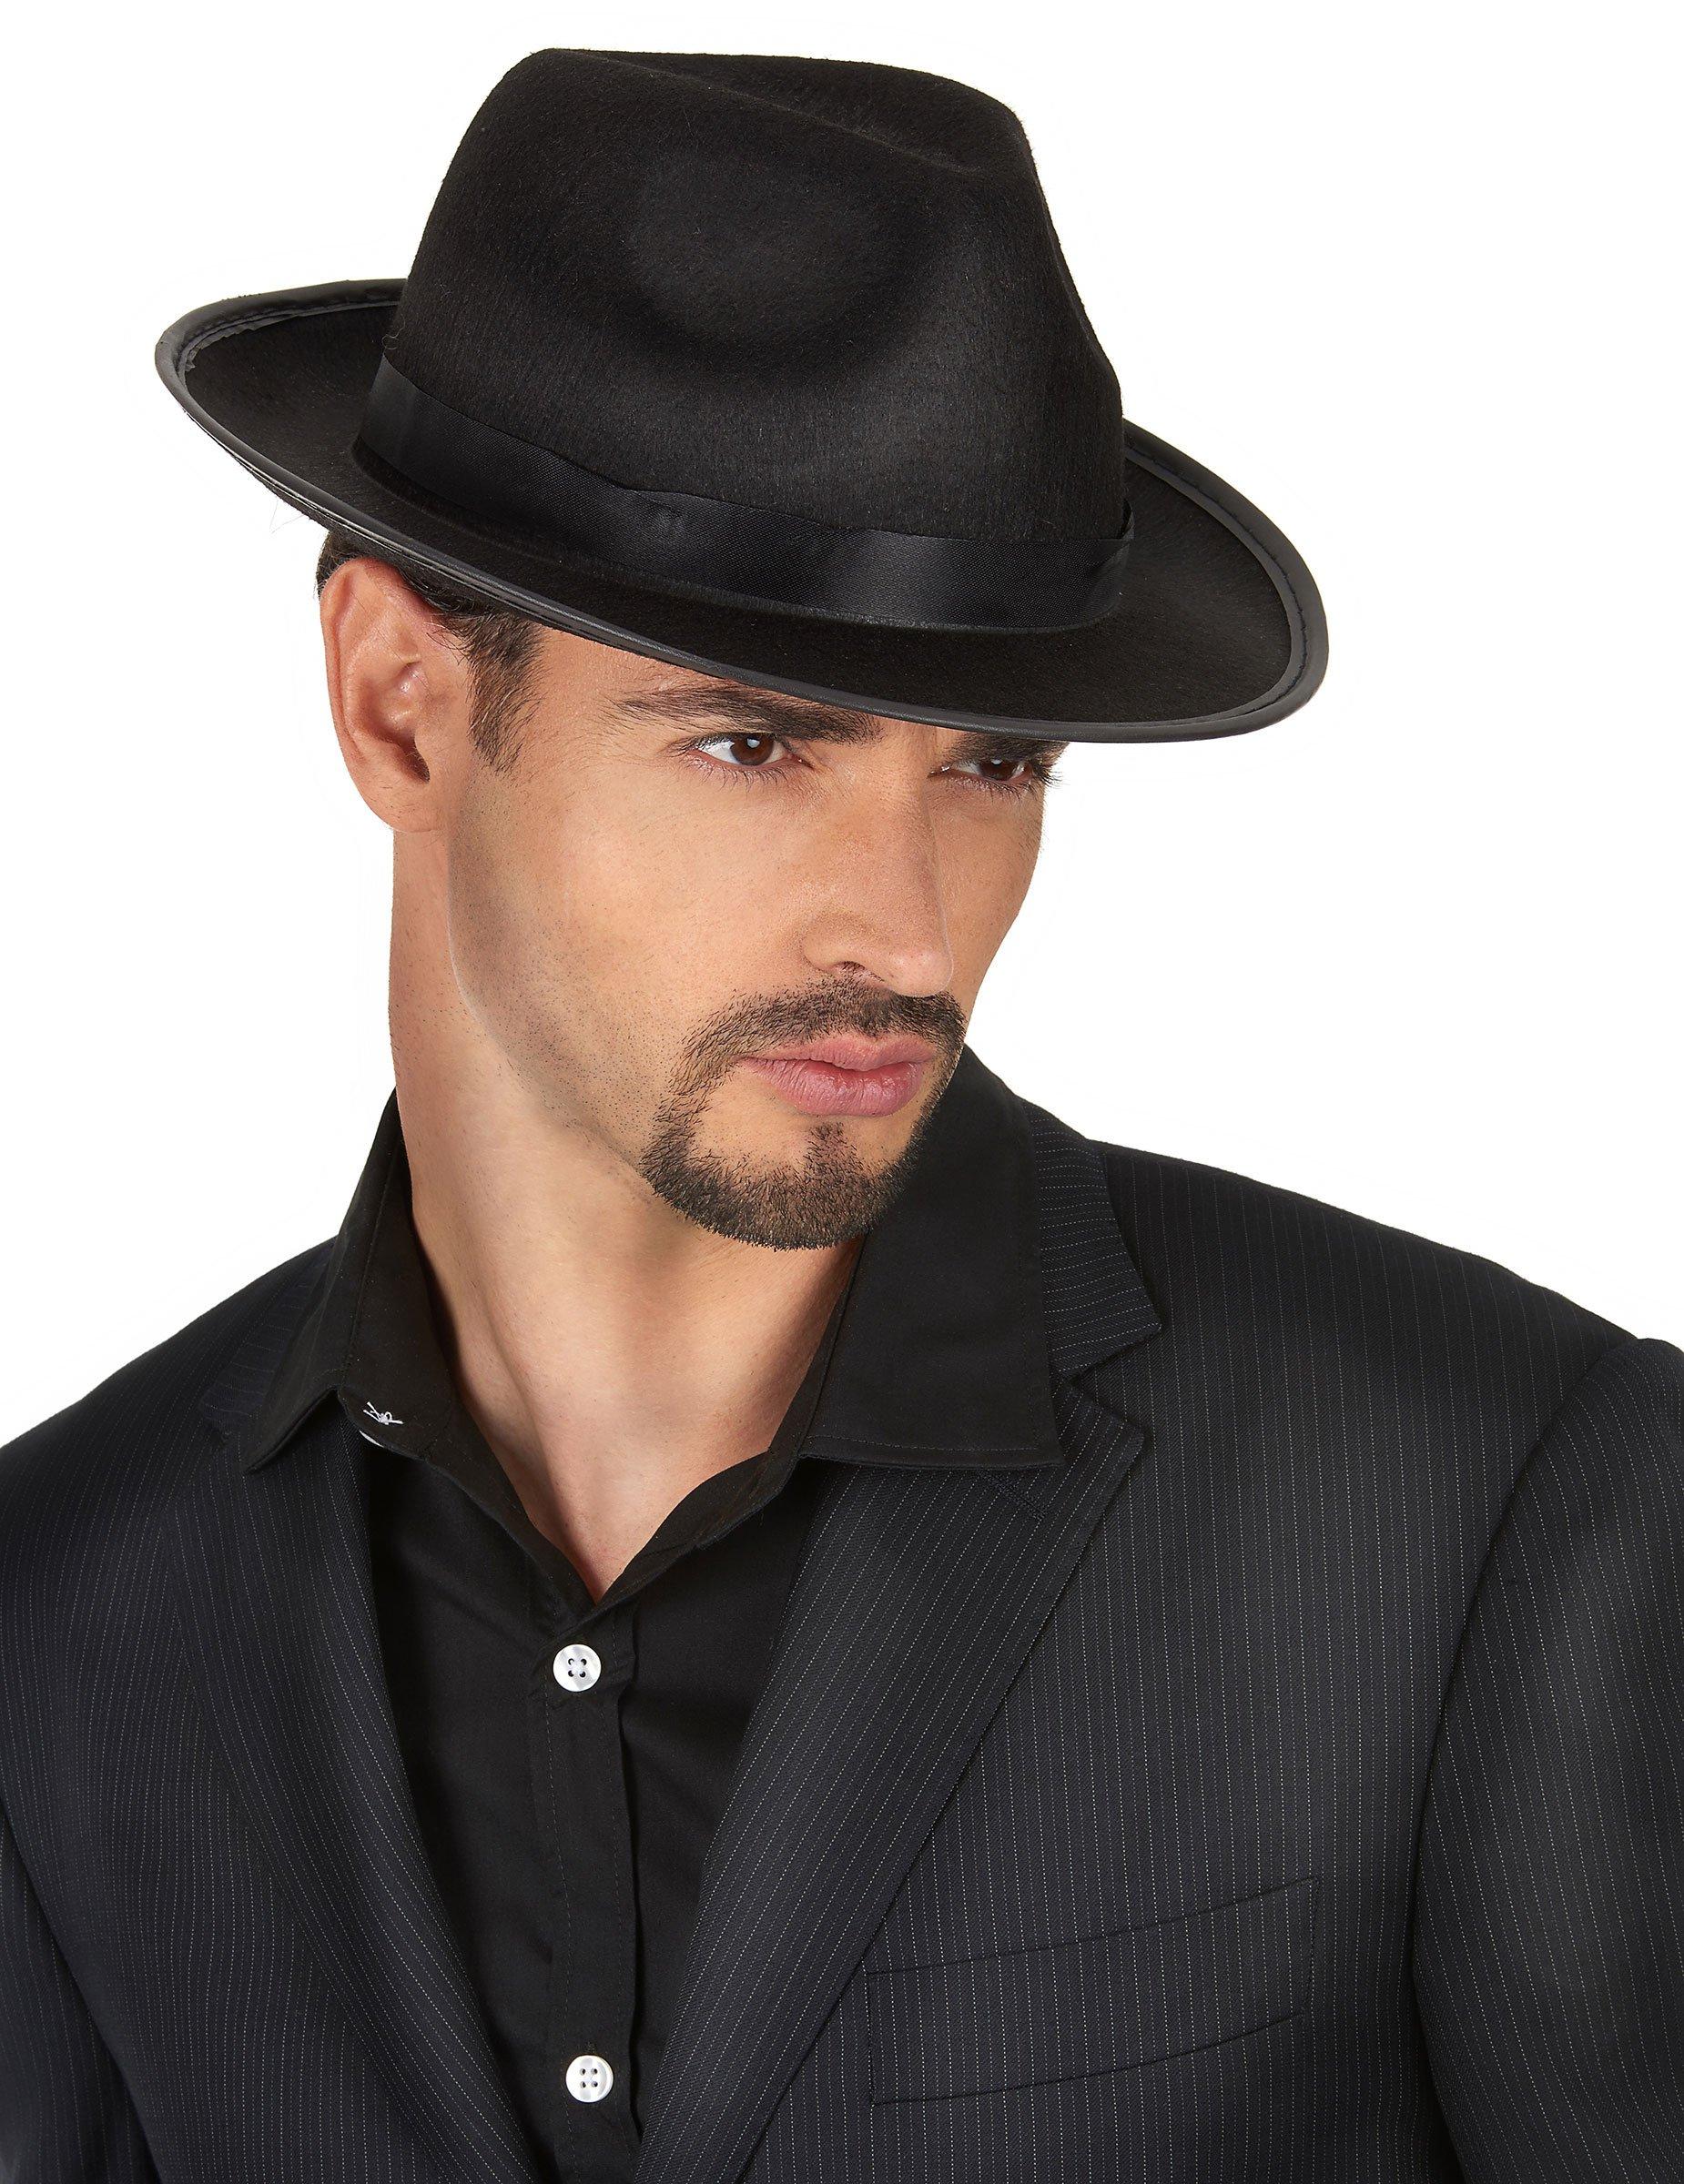 Cappello borsalino nero per adulti-1 9ab39d434cde